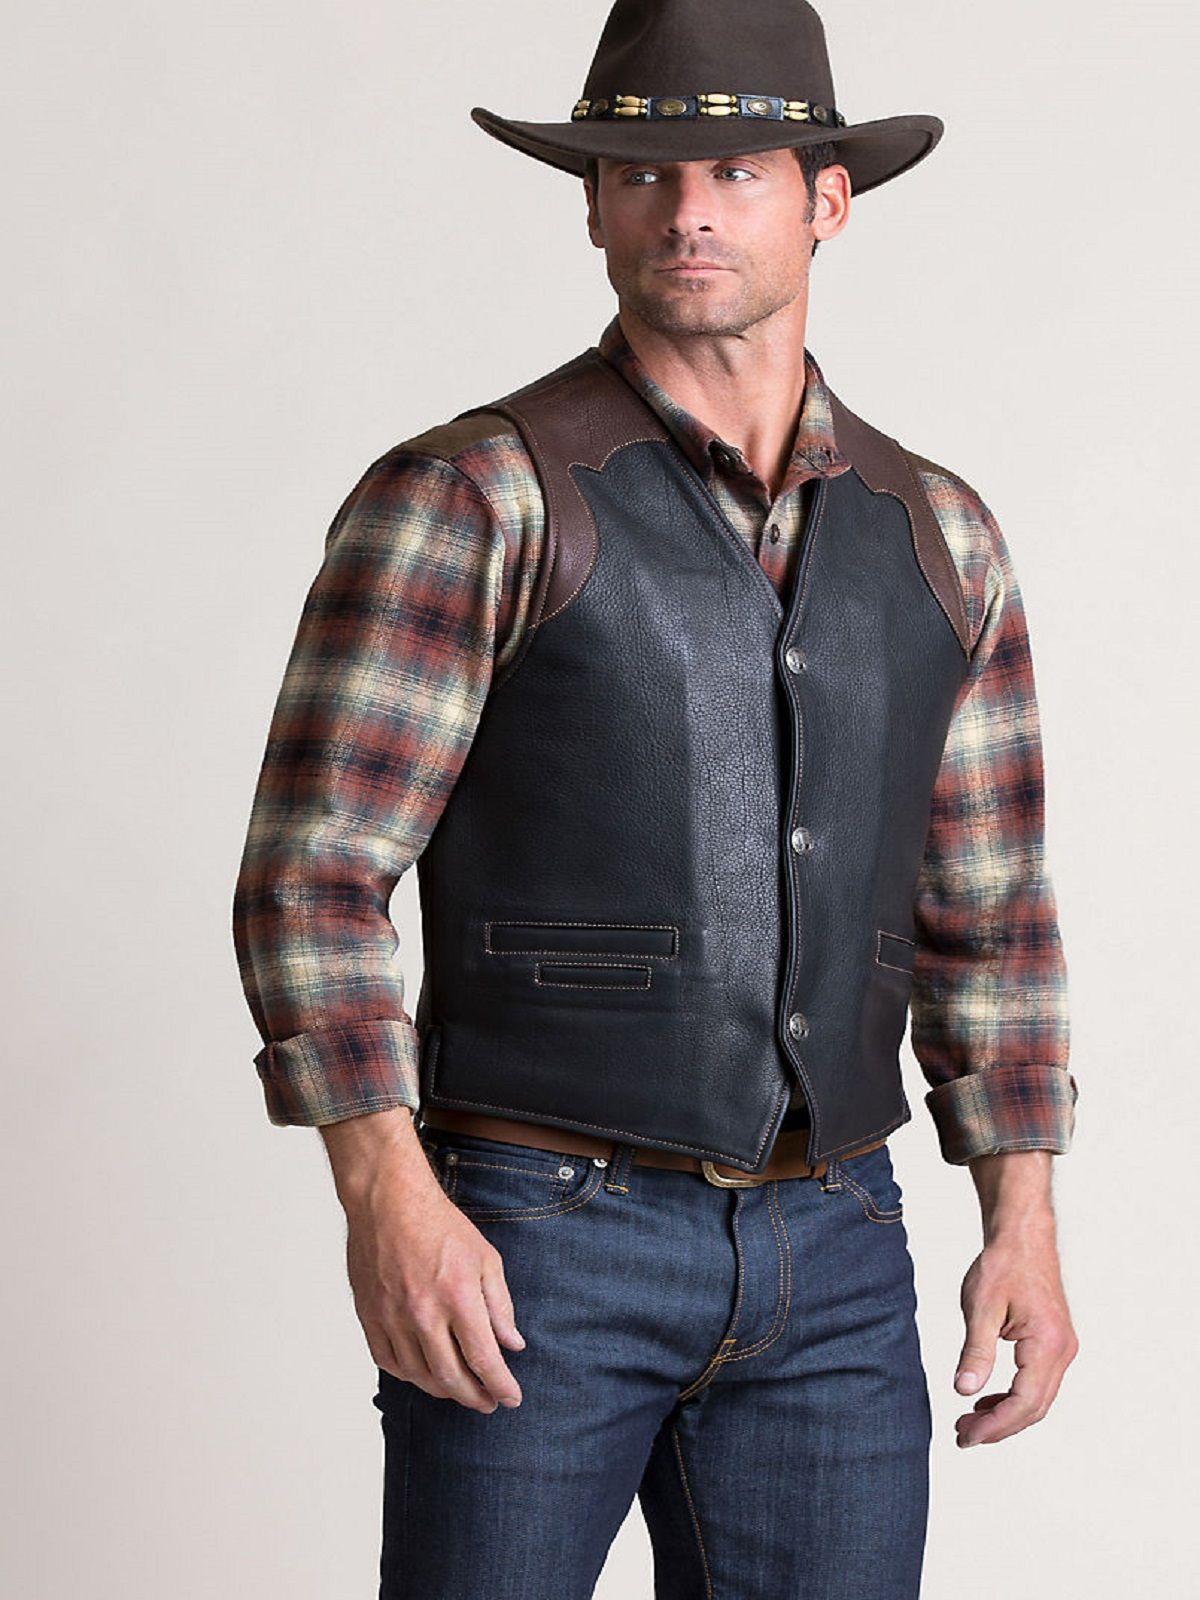 Cowboy Men Leather Vest Men Jacket Mauvetree Mens Leather Vest Leather Vest Bison Leather [ 1600 x 1200 Pixel ]